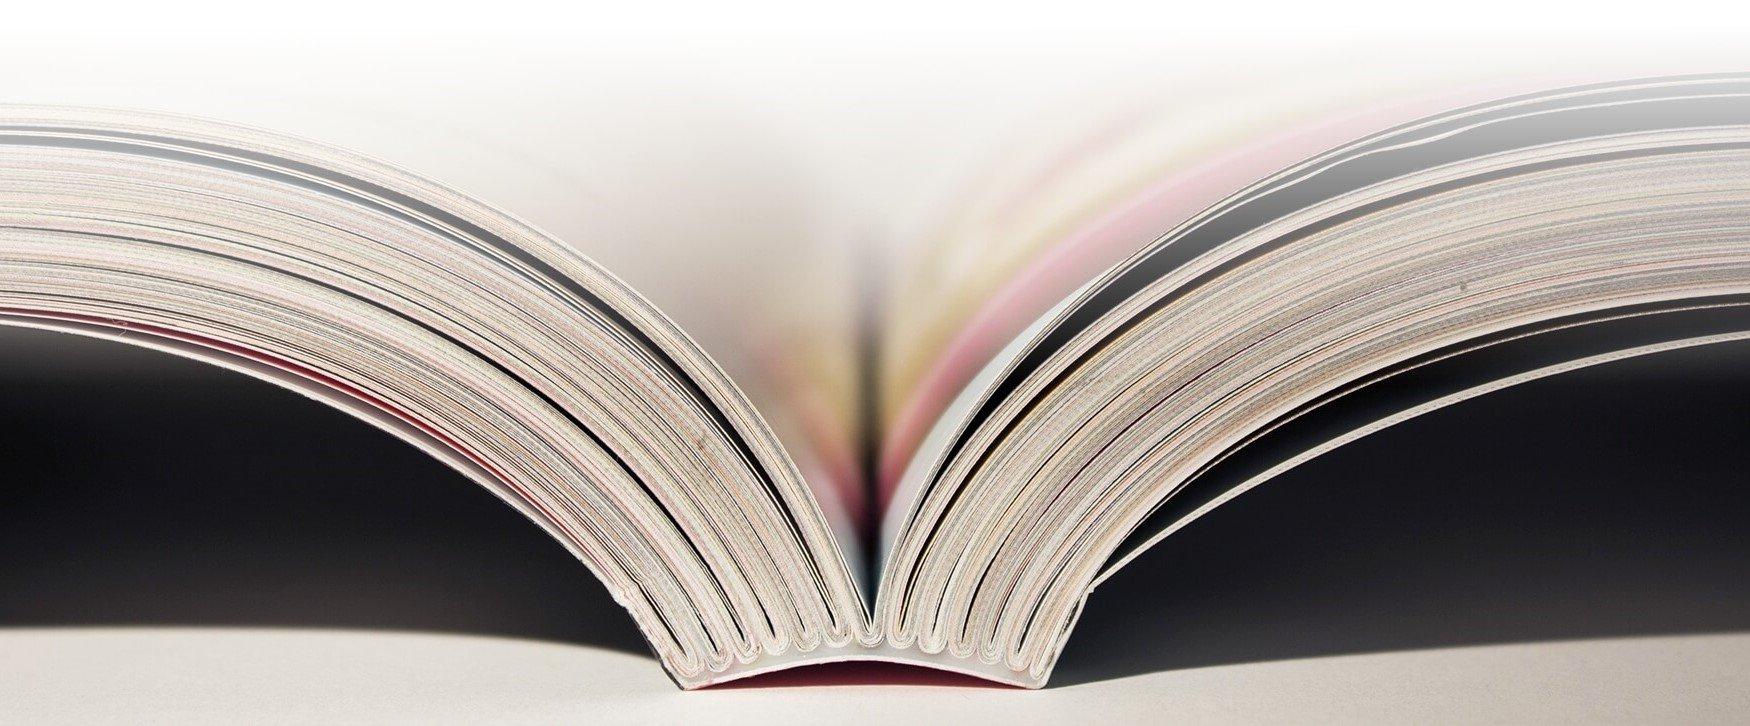 Come Stampare Online Libri In Filo Refe